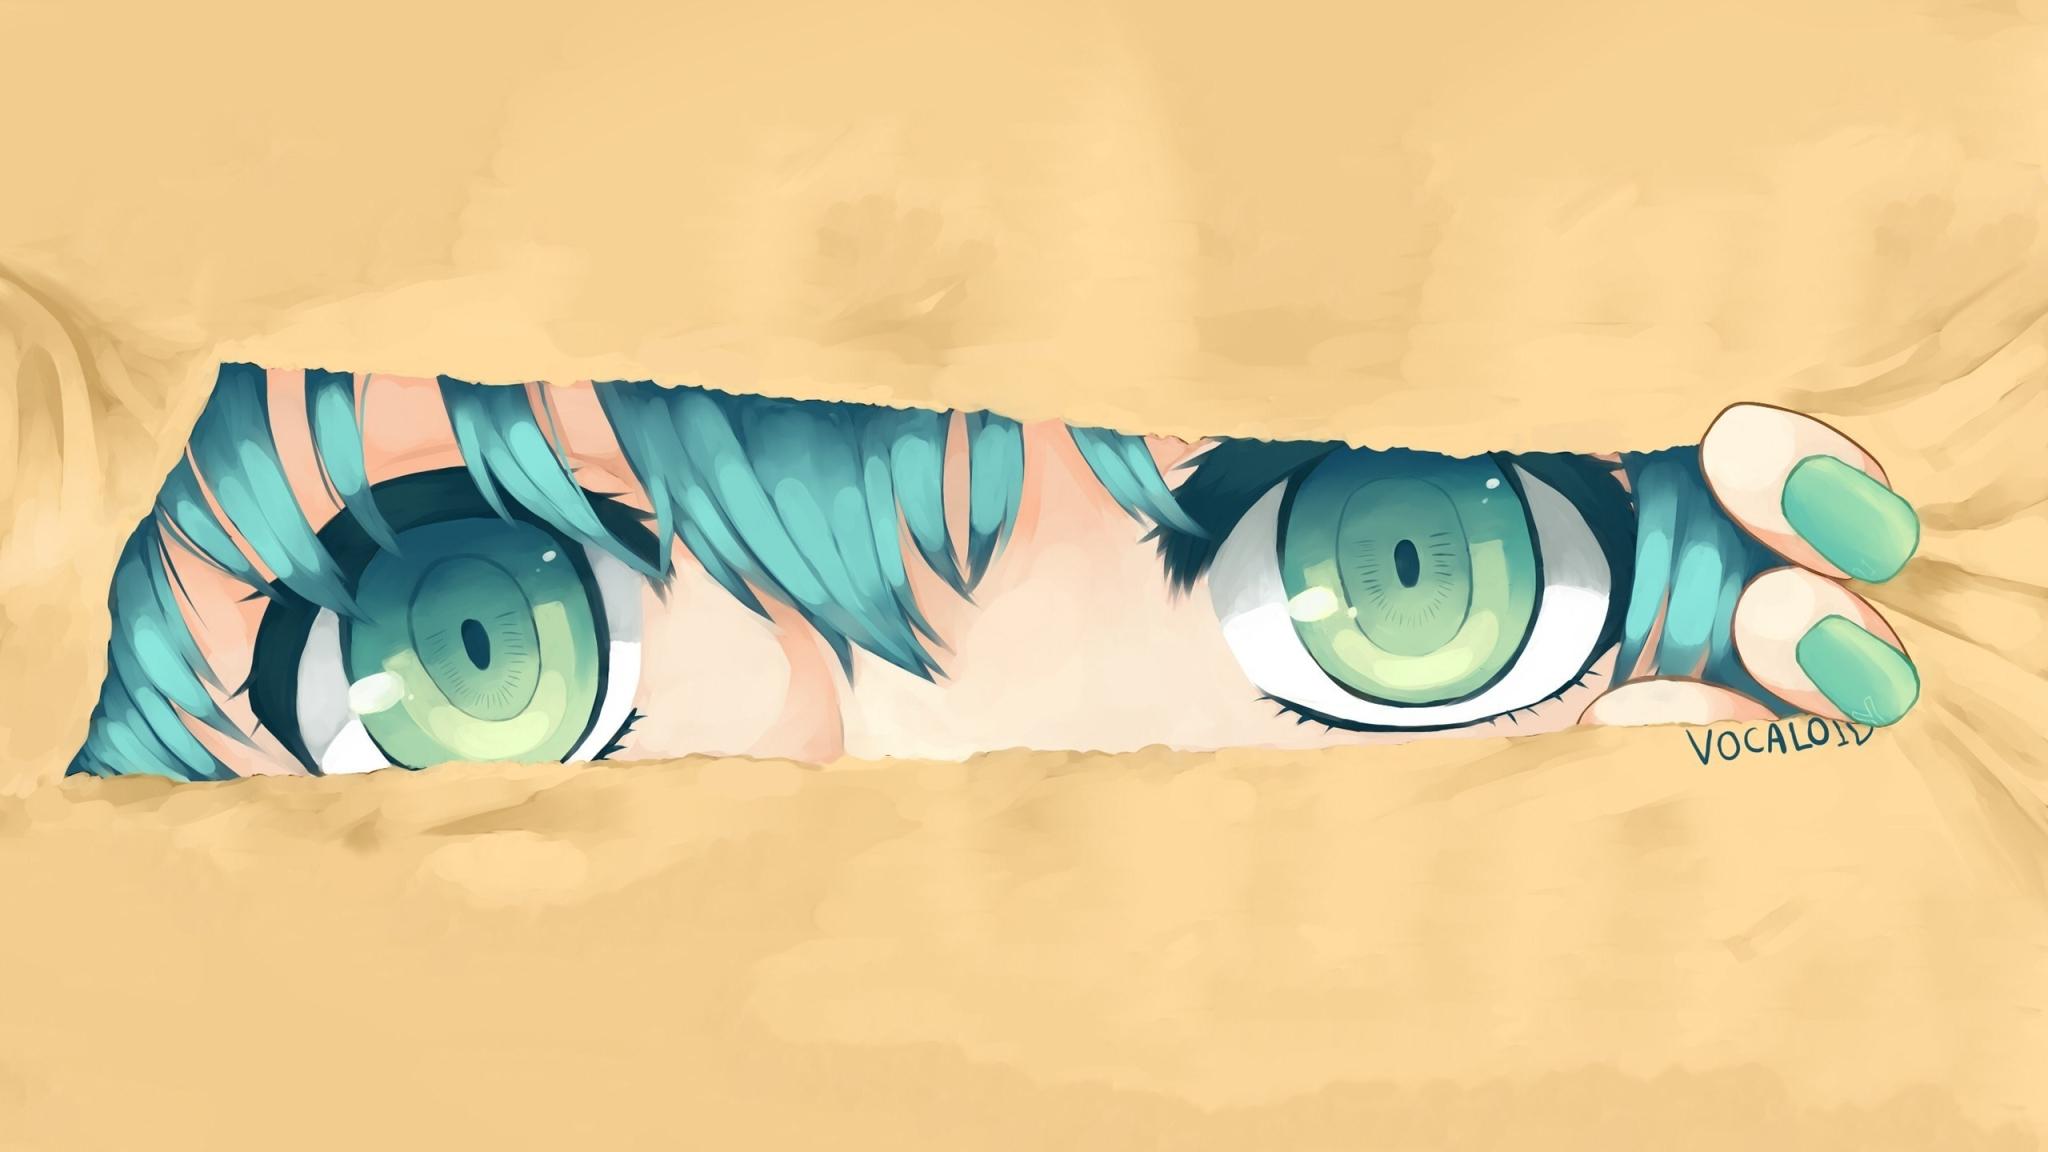 Hatsune Miku, Vocaloid, Girl, Full HD 2K Wallpaper